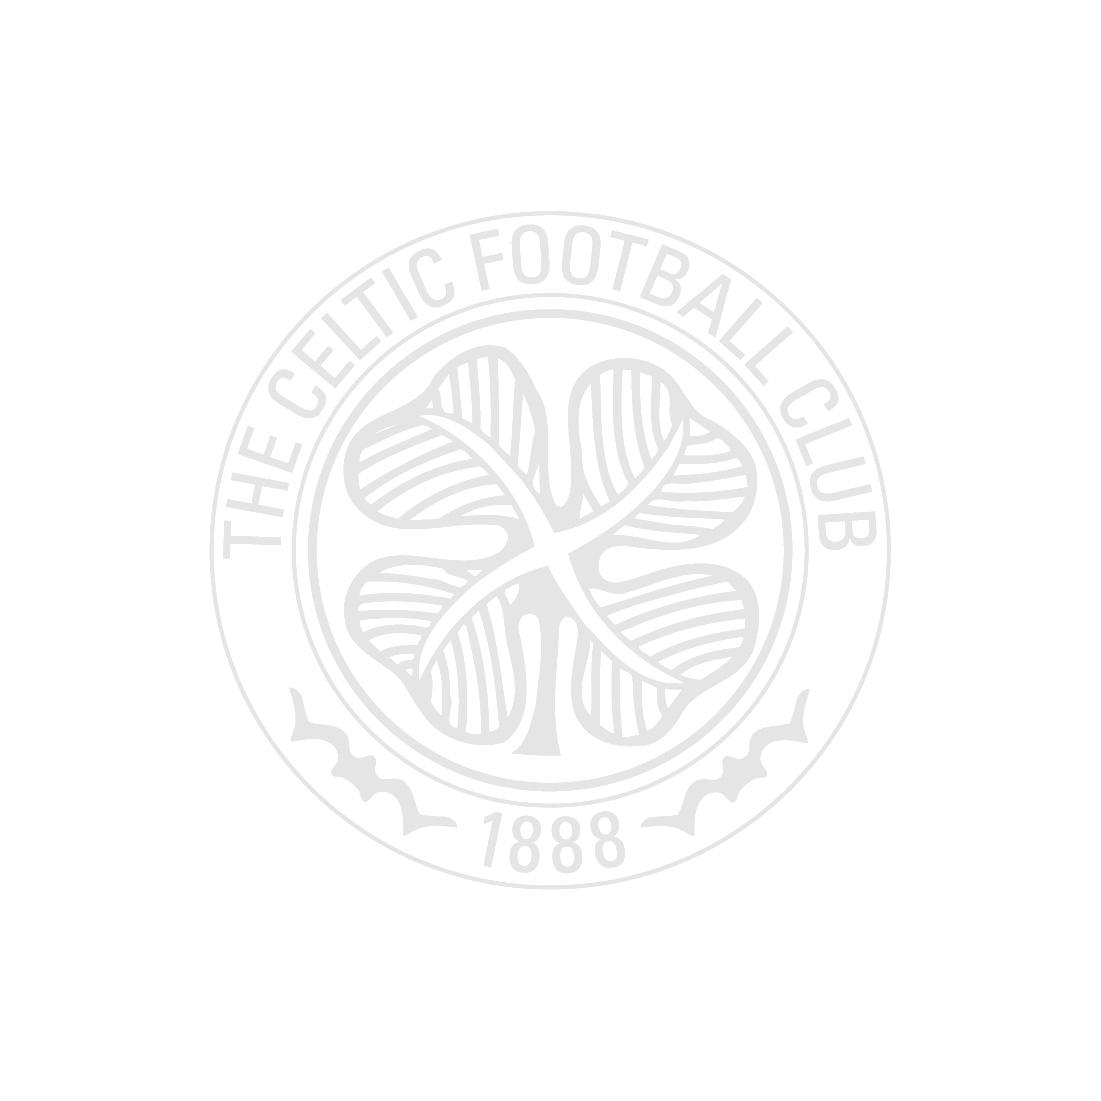 Celtic FC Cola Bottles